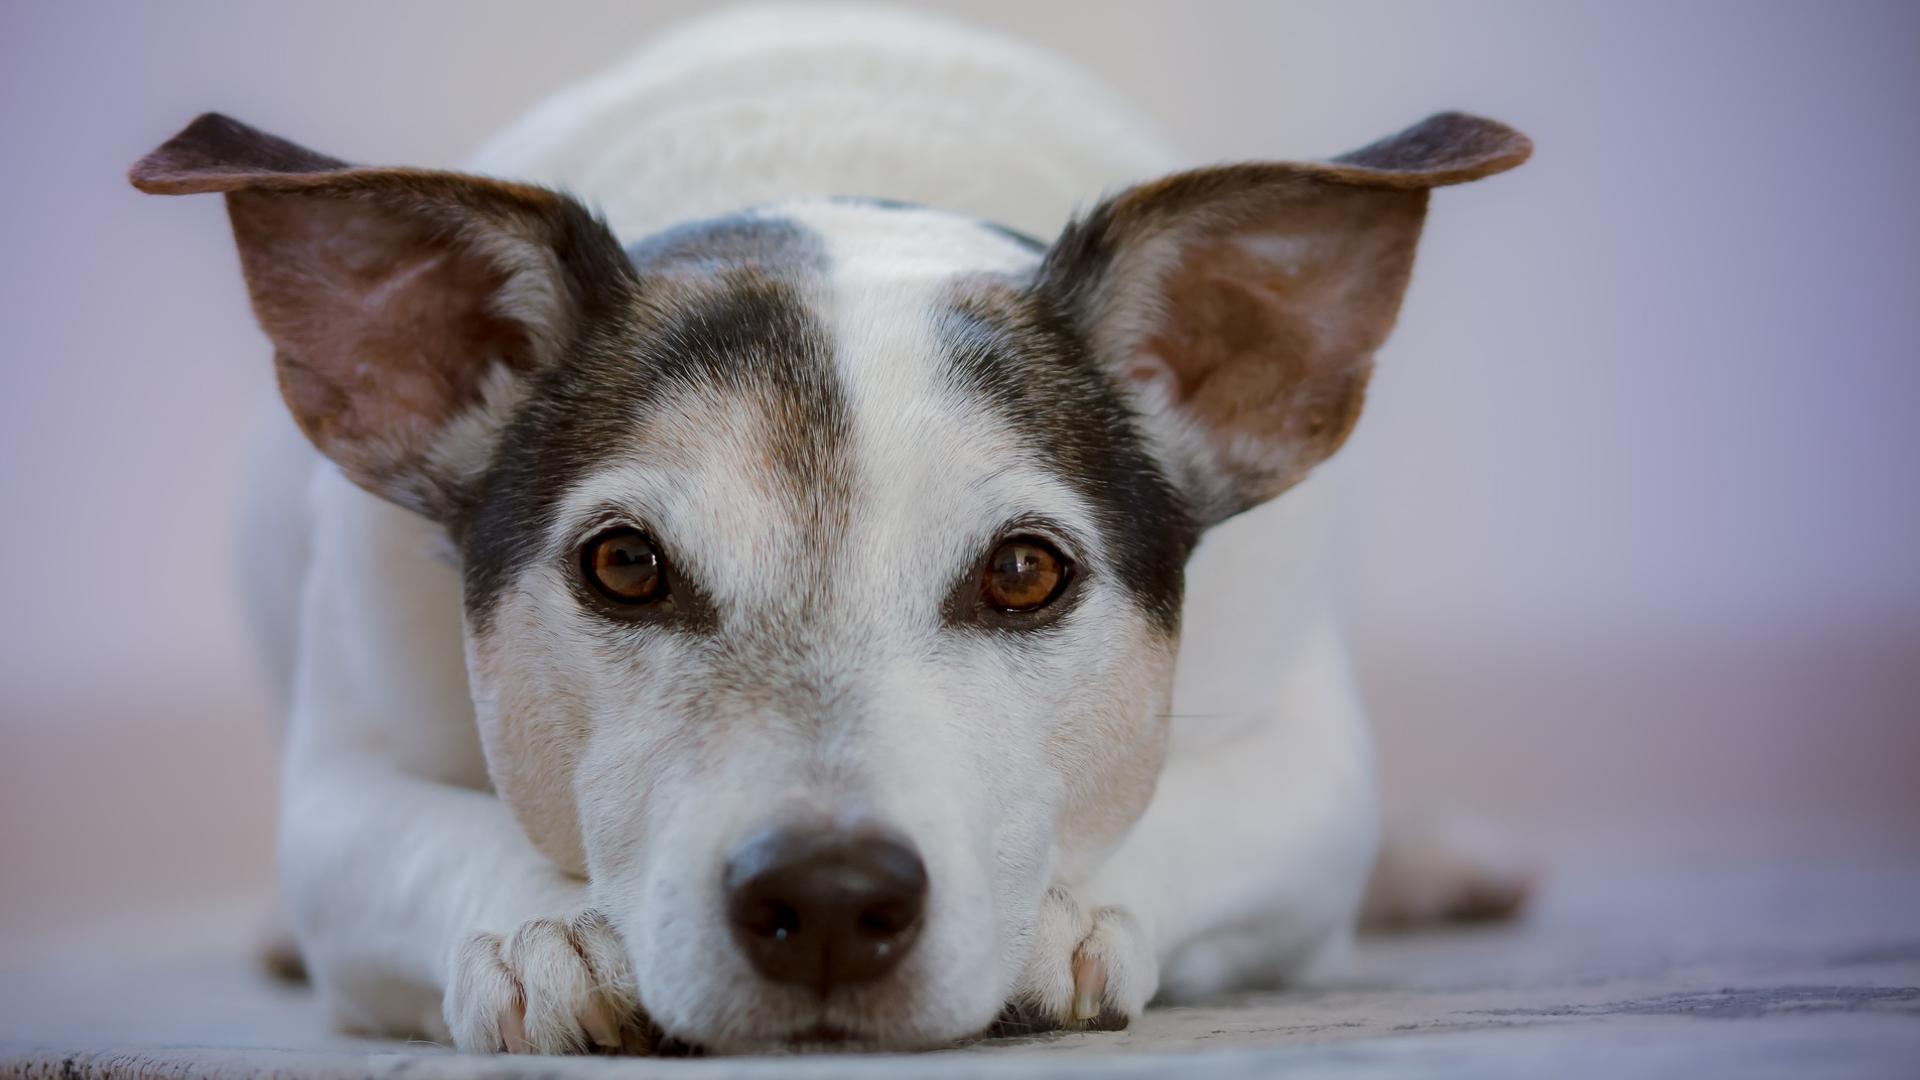 Hund schwarz weiß liegt mit Kopf auf seinen Pfoten